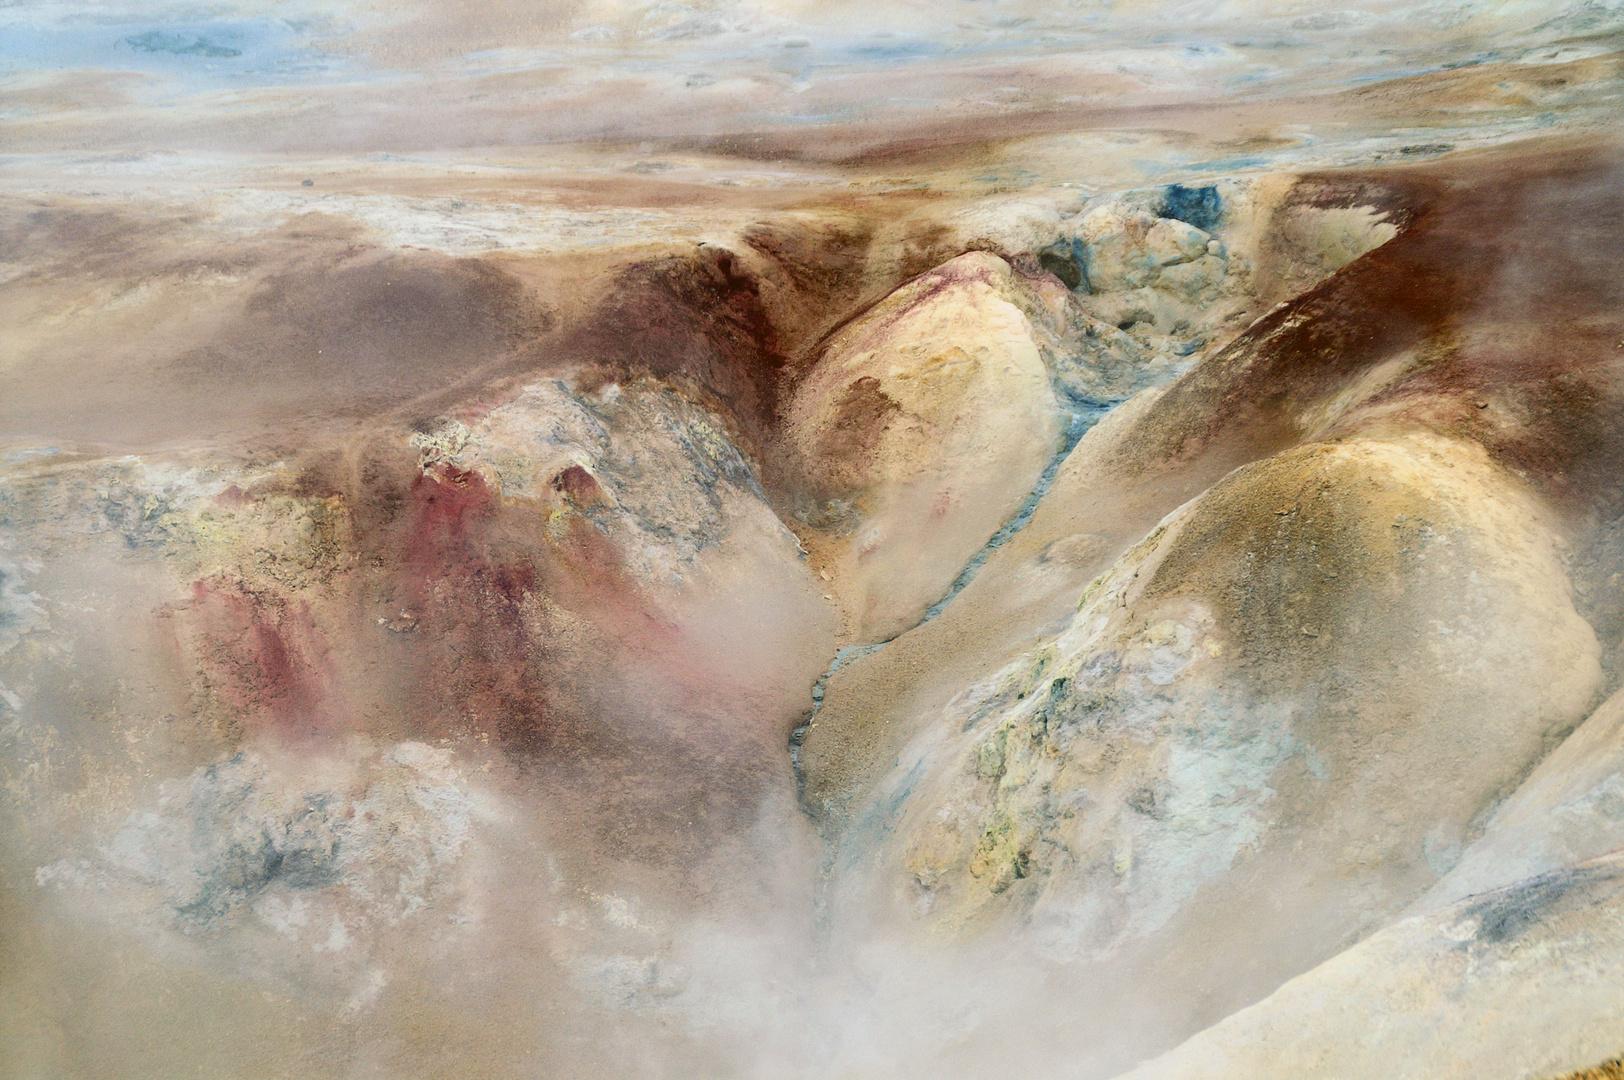 Schwefelquellen am Leirhnjúkur, Island - Detail